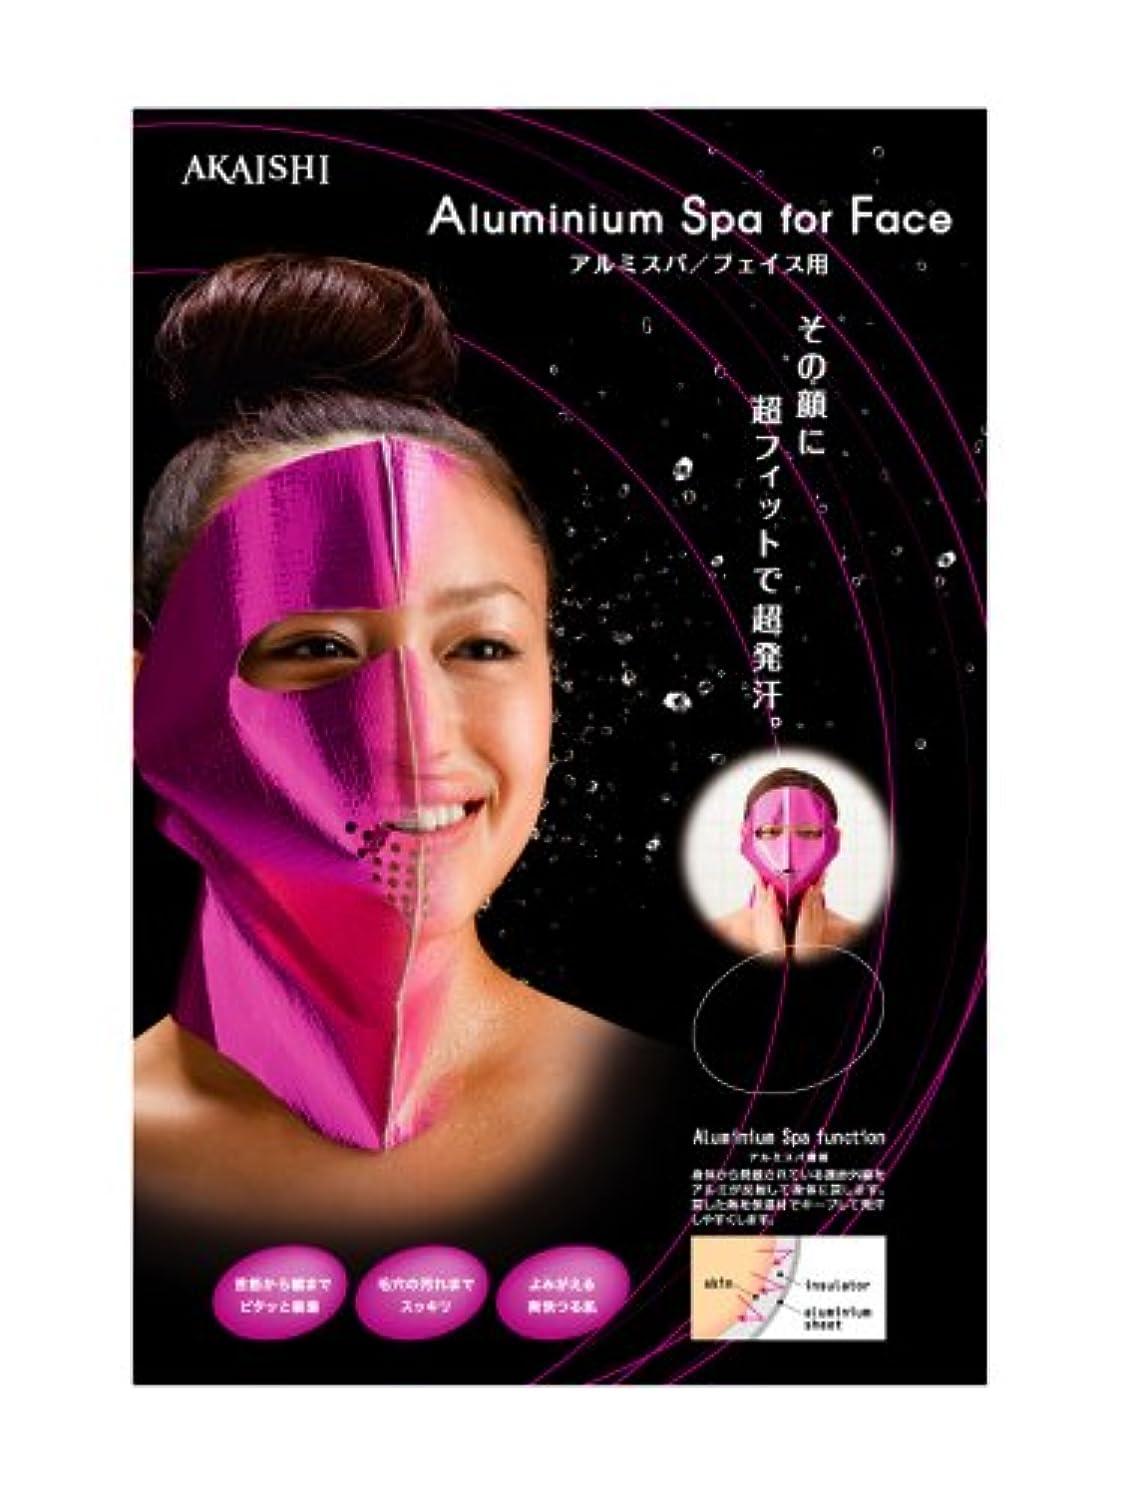 積極的に予防接種する韓国AKAISHI アルミサウナ マスク フェイス用